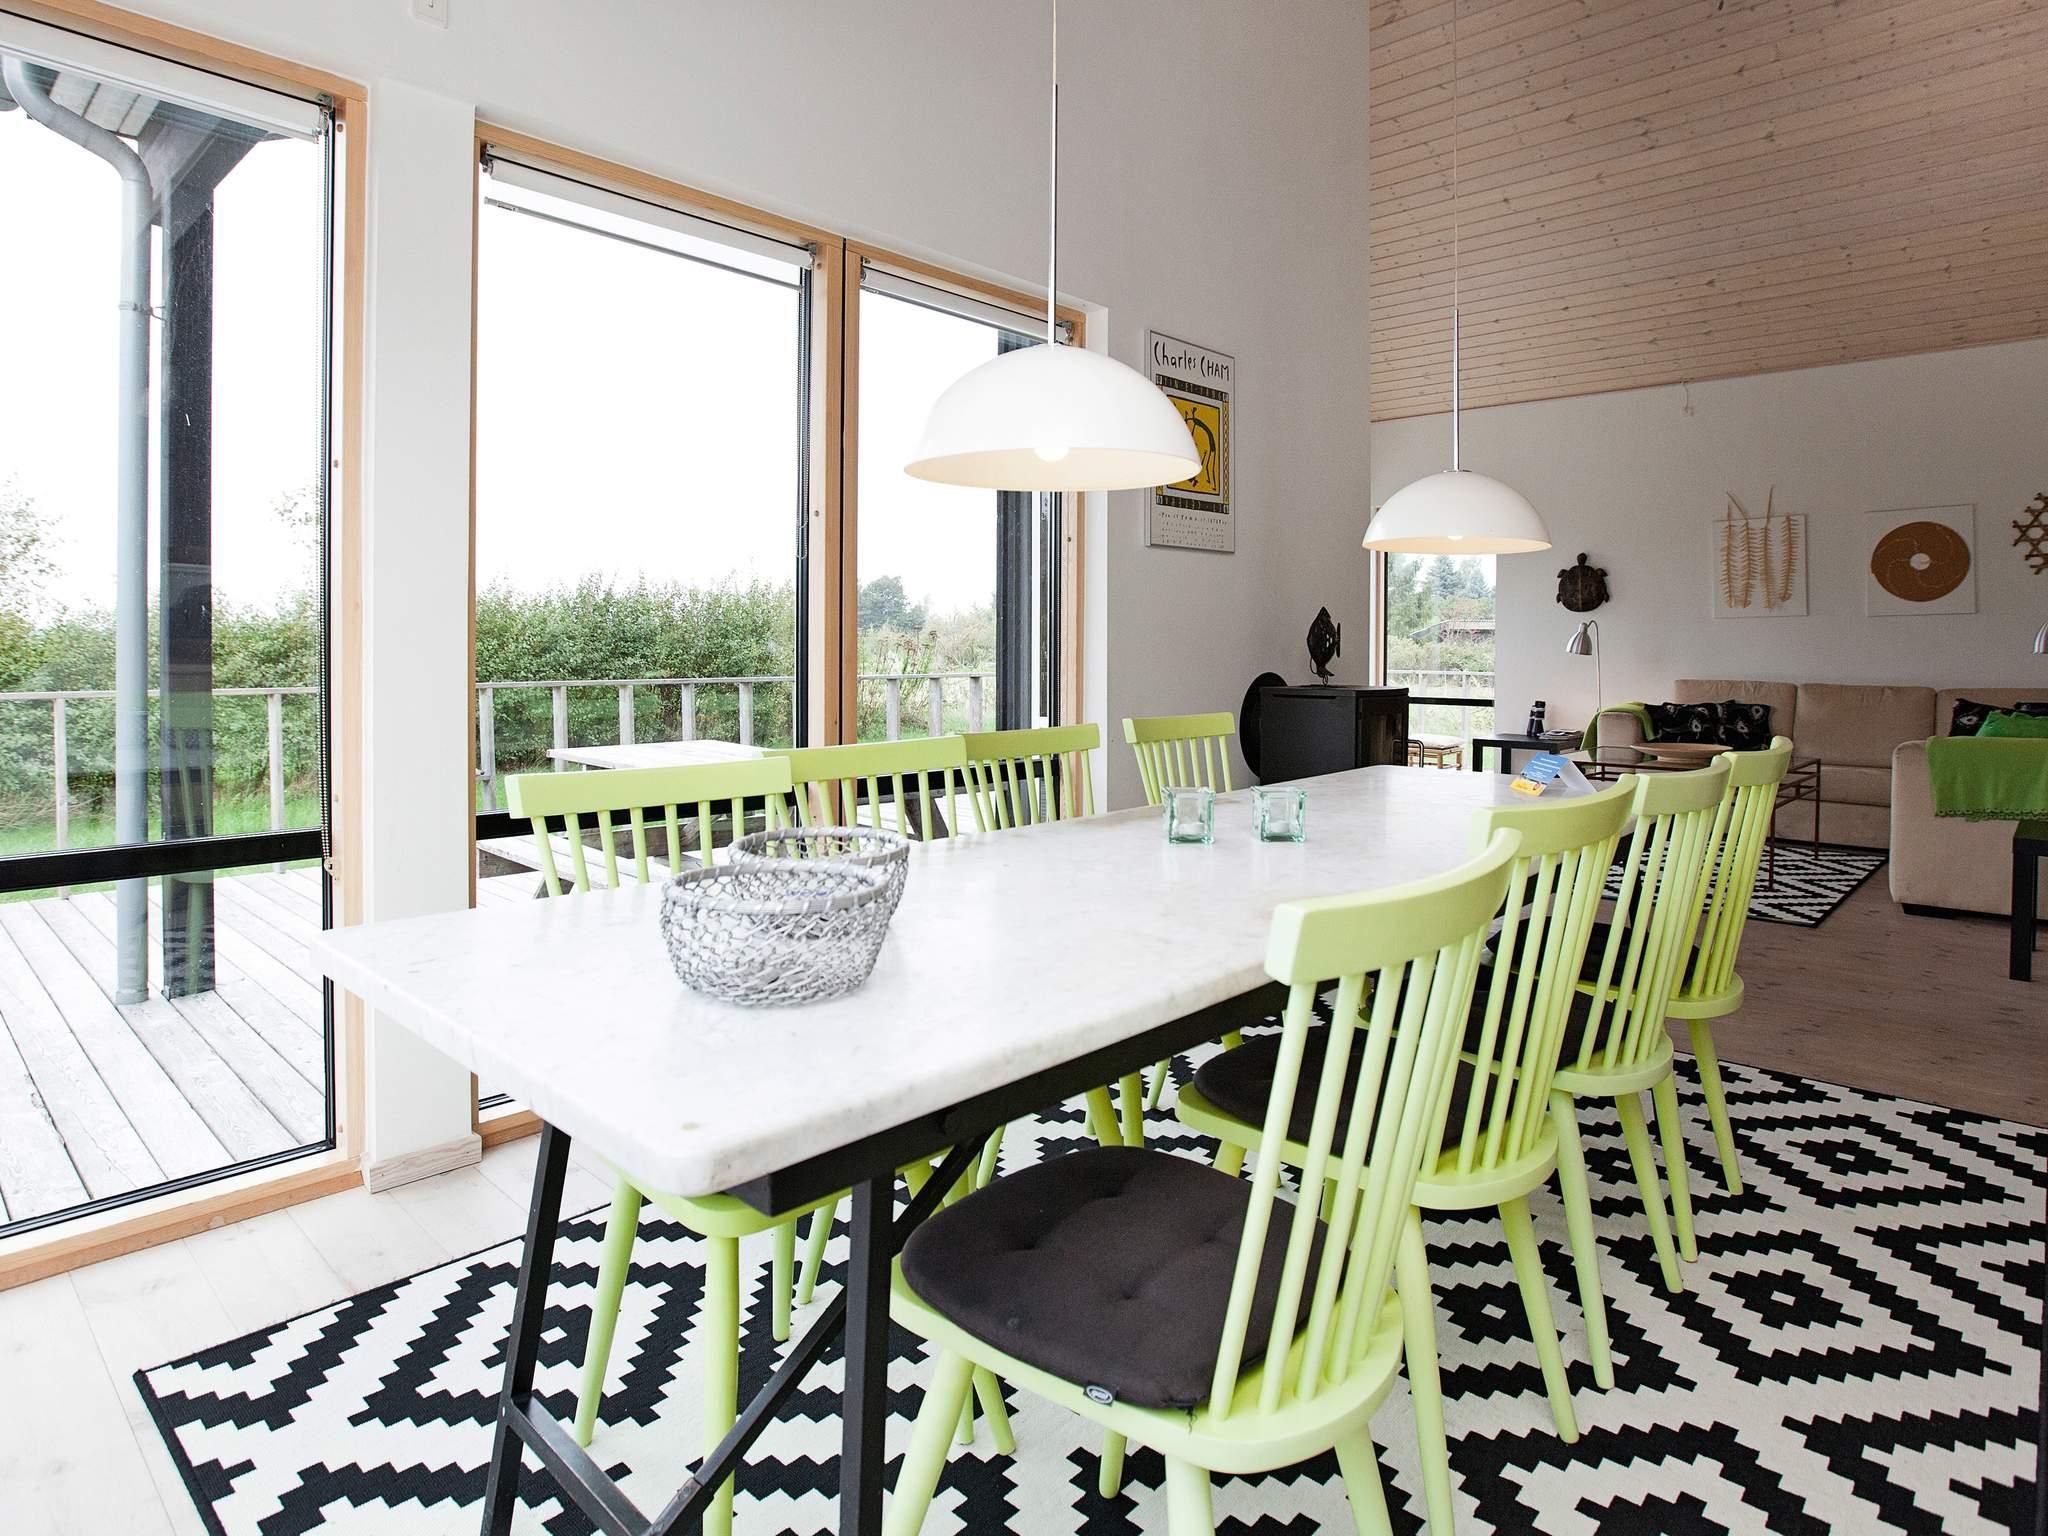 Ferienhaus Ulvshale (216908), Stege, , Møn, Dänemark, Bild 6